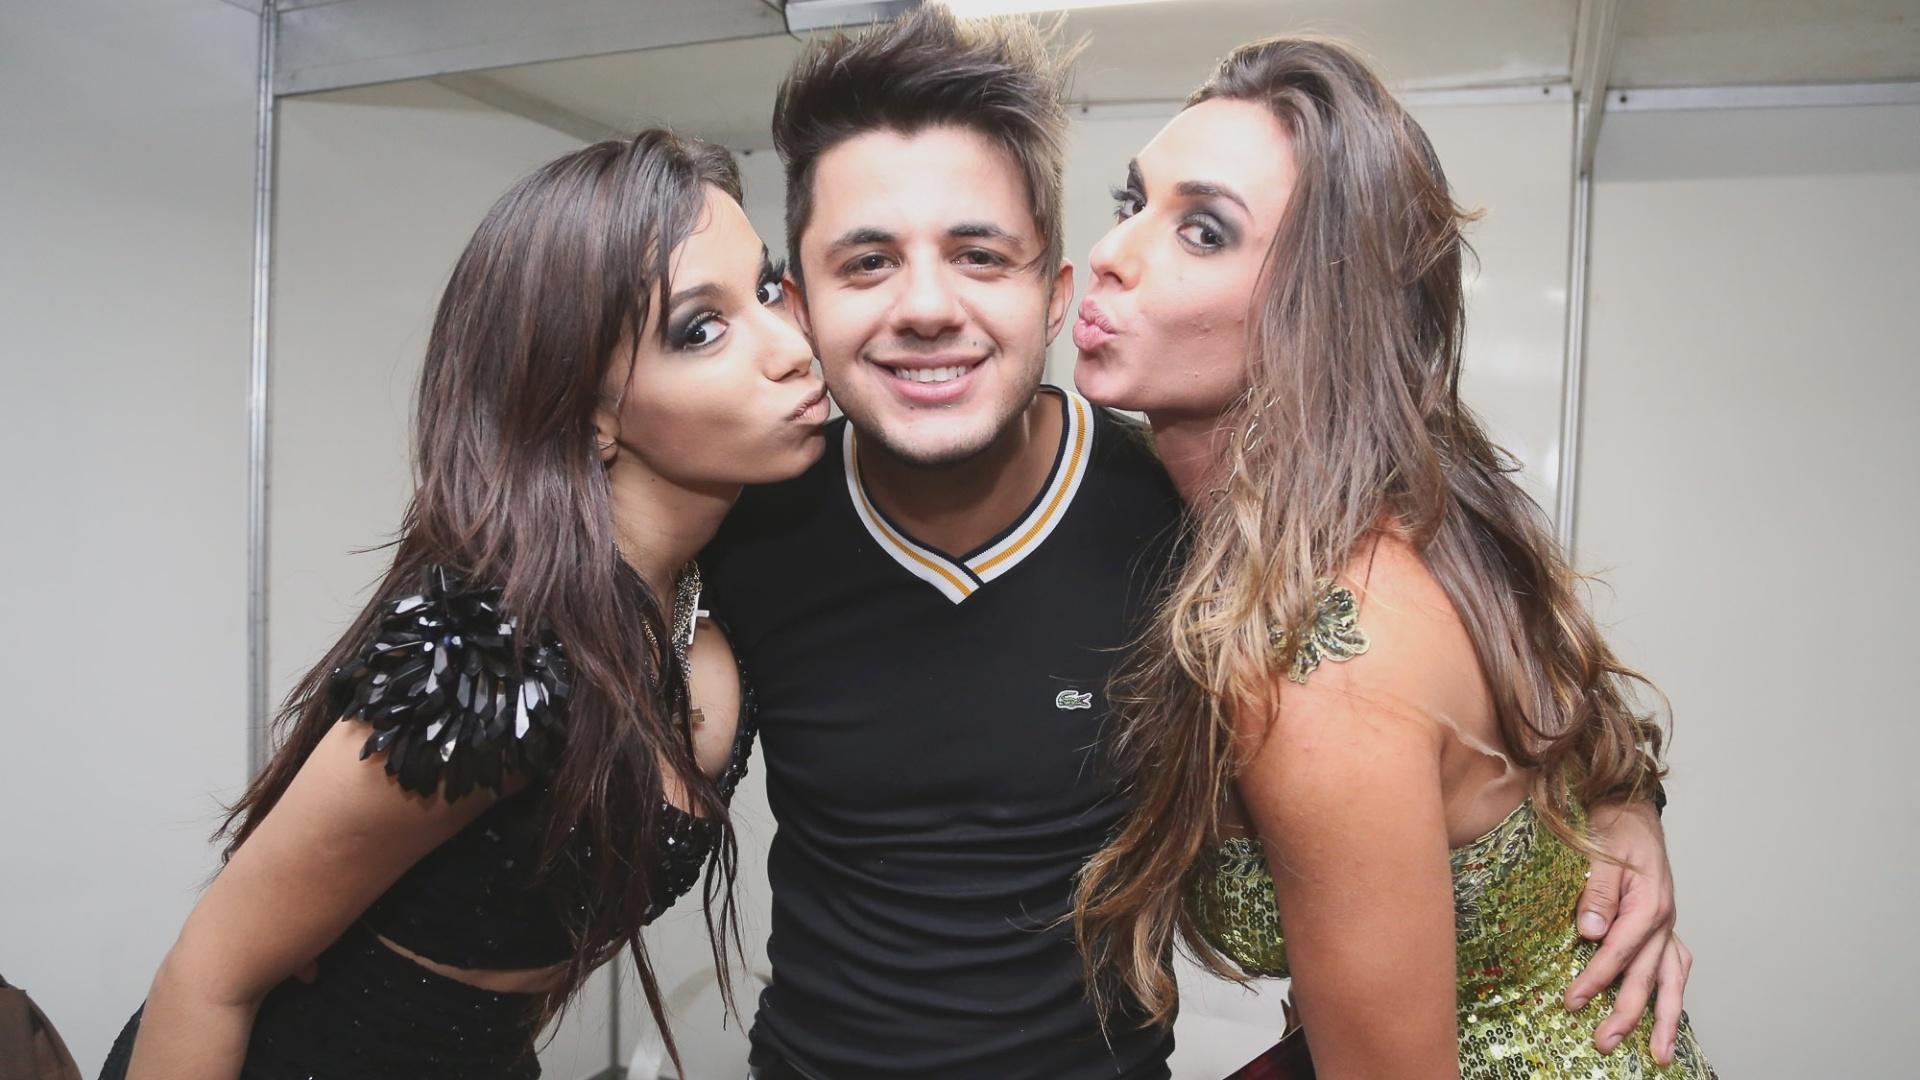 08.fev.2013 - A cantora Anitta, o cantor Cristiano Araújo e a ex-panicat Nicole Bahls se encontram no camarim do show que Anitta apresentou em Brasília